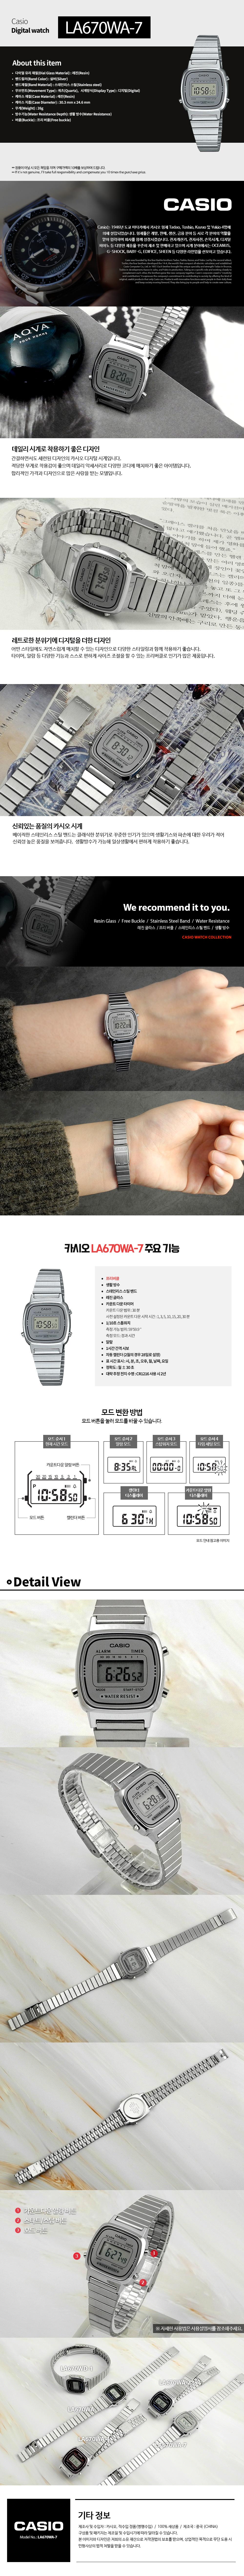 카시오(CASIO) LA670WA-7 메탈 여성 패션 디지털 손목 시계